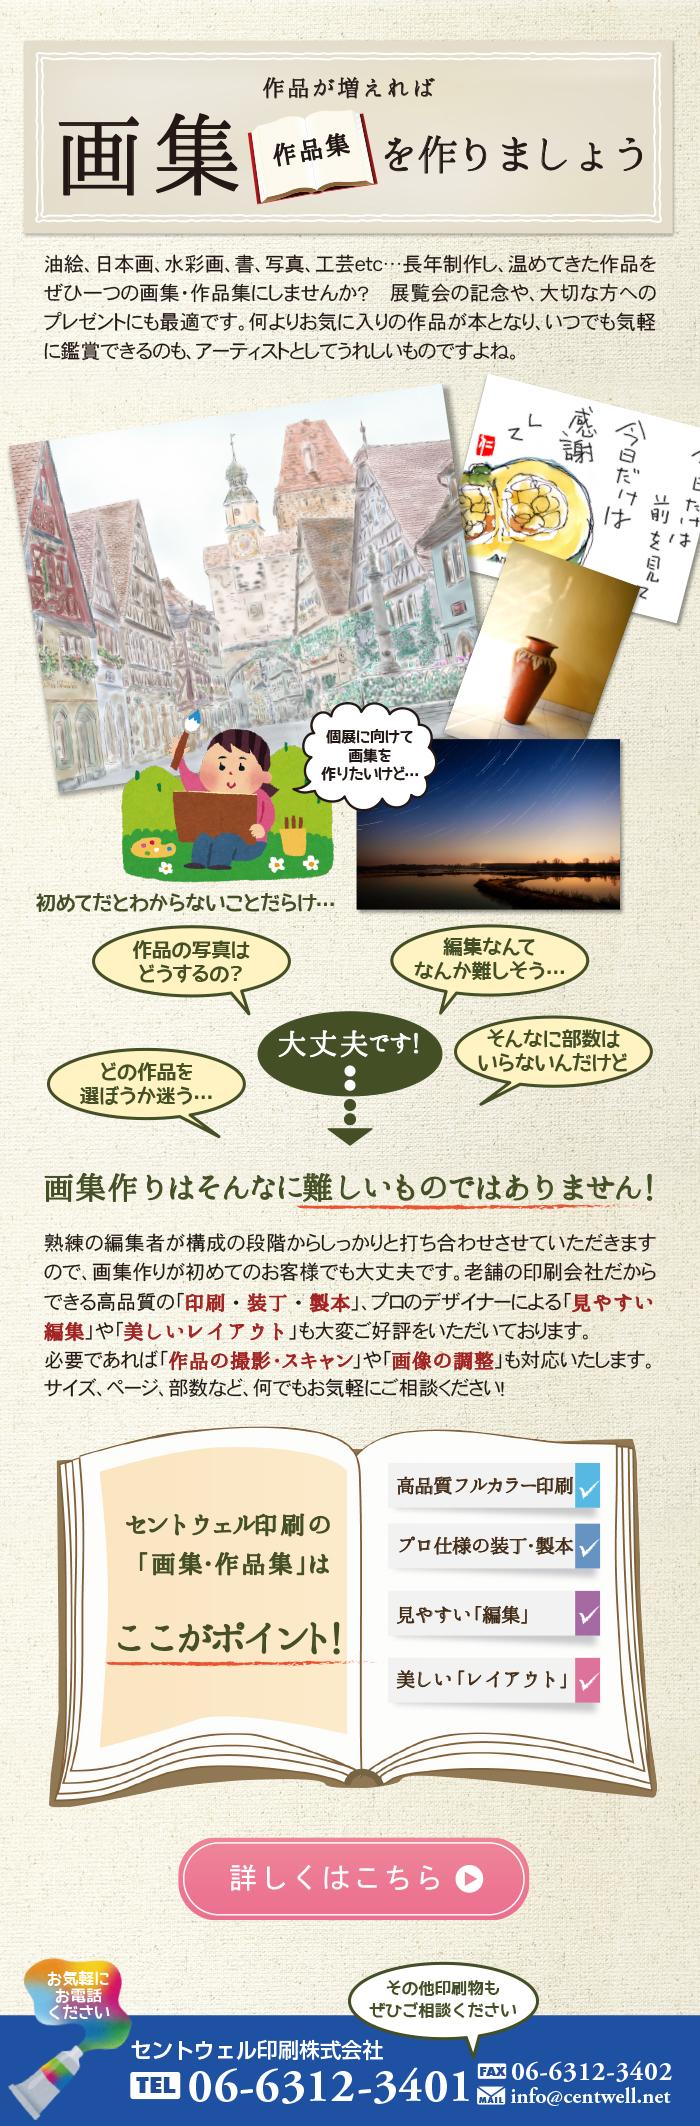 画集の印刷ならセントウェル印刷株式会社(大阪 北区 梅田)